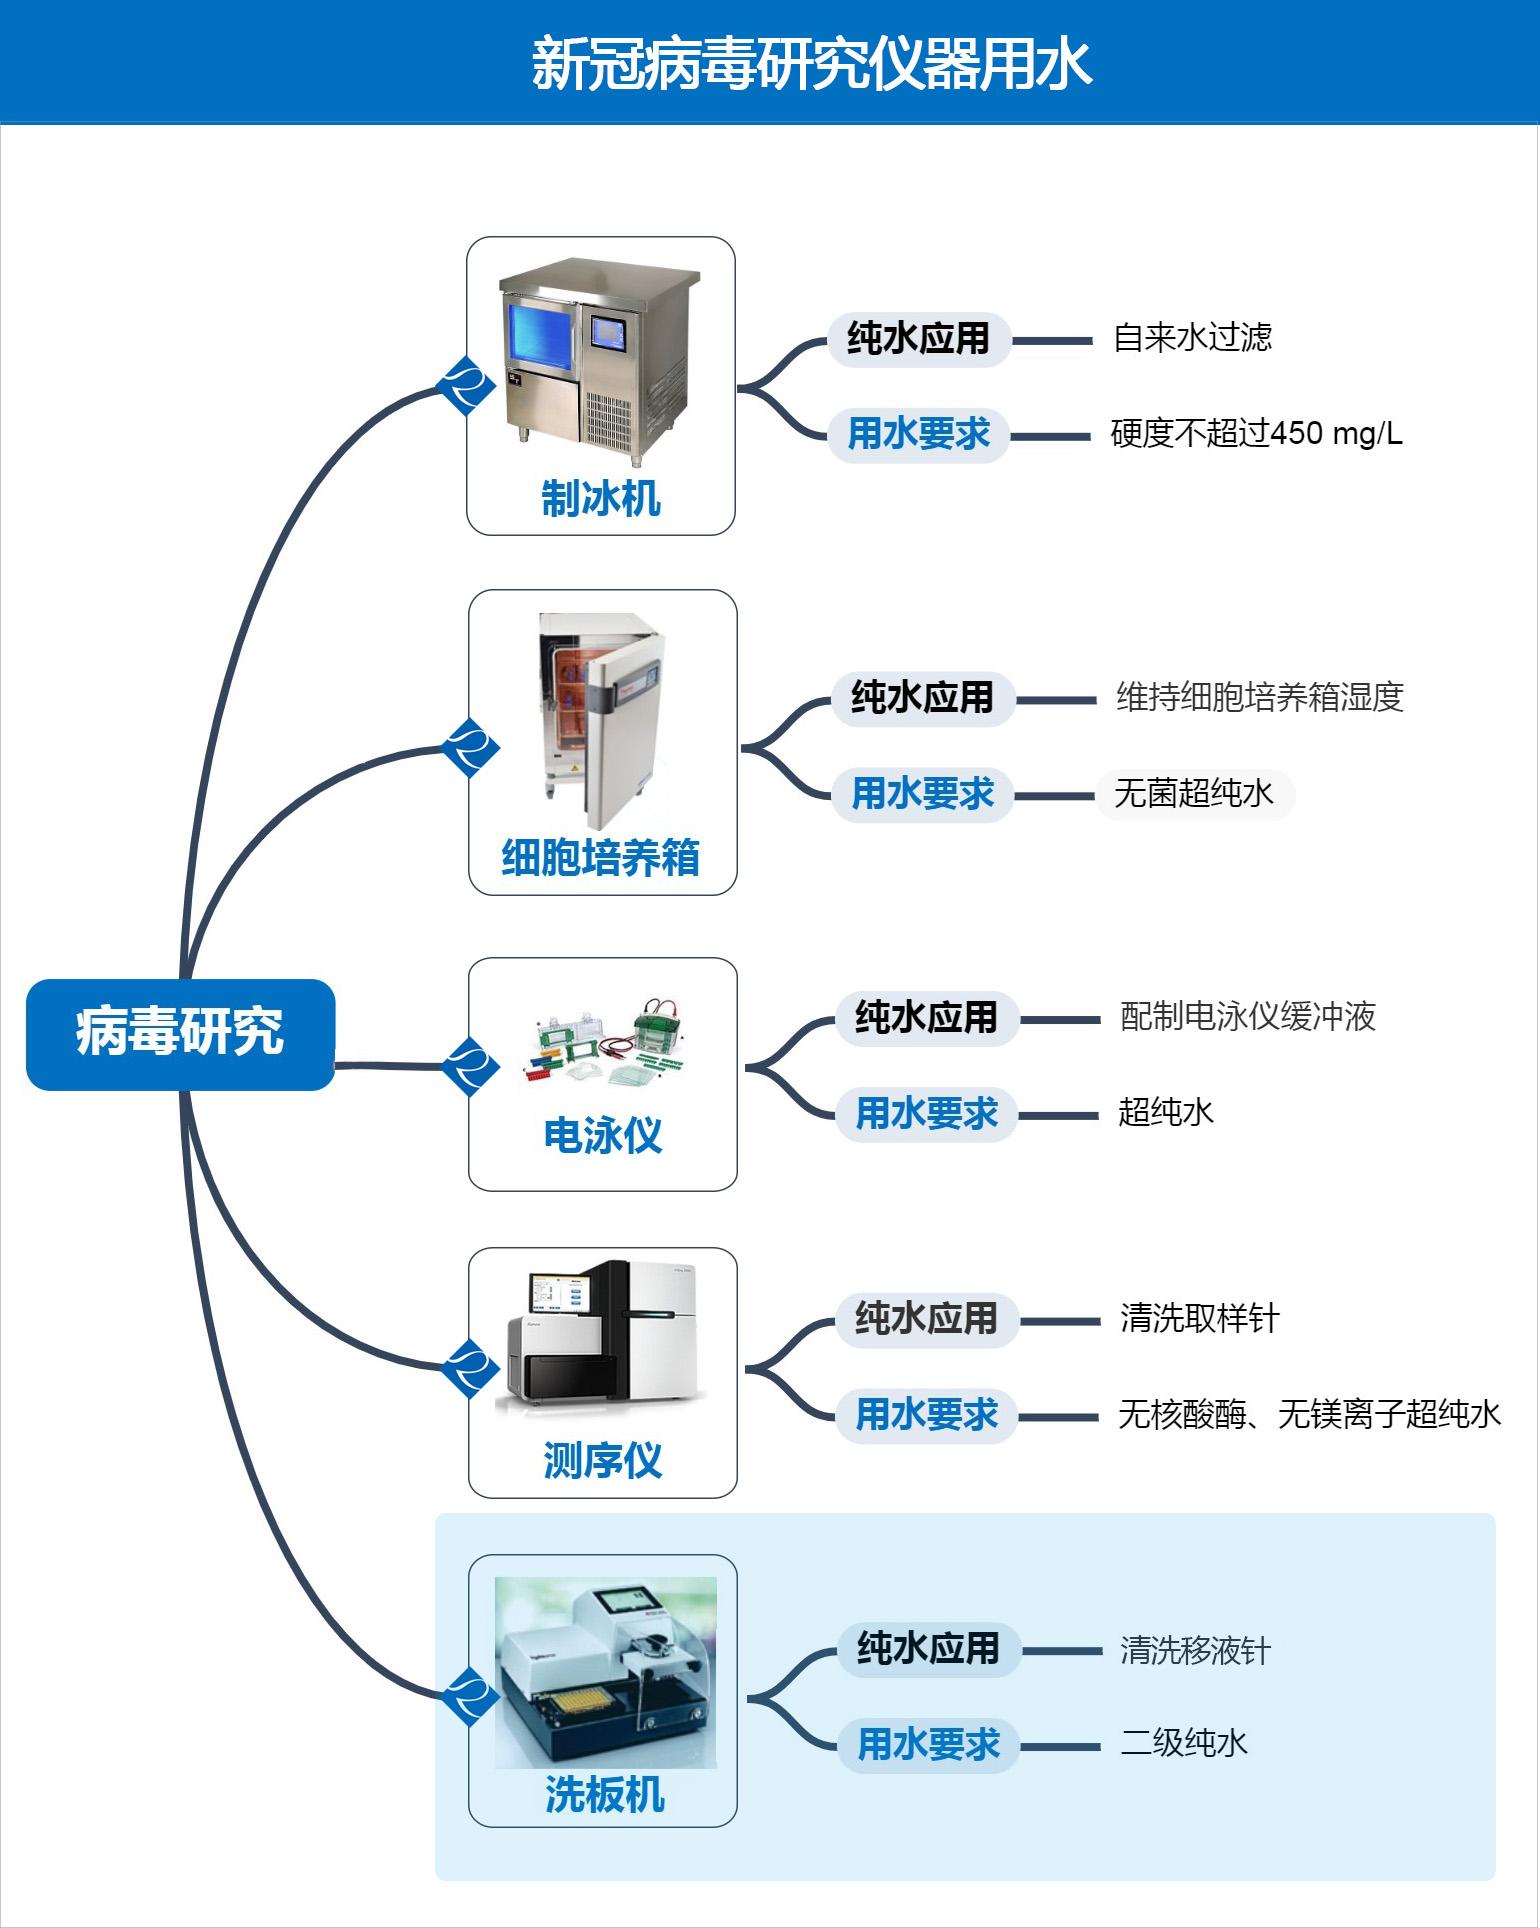 新冠病毒研究仪器用水